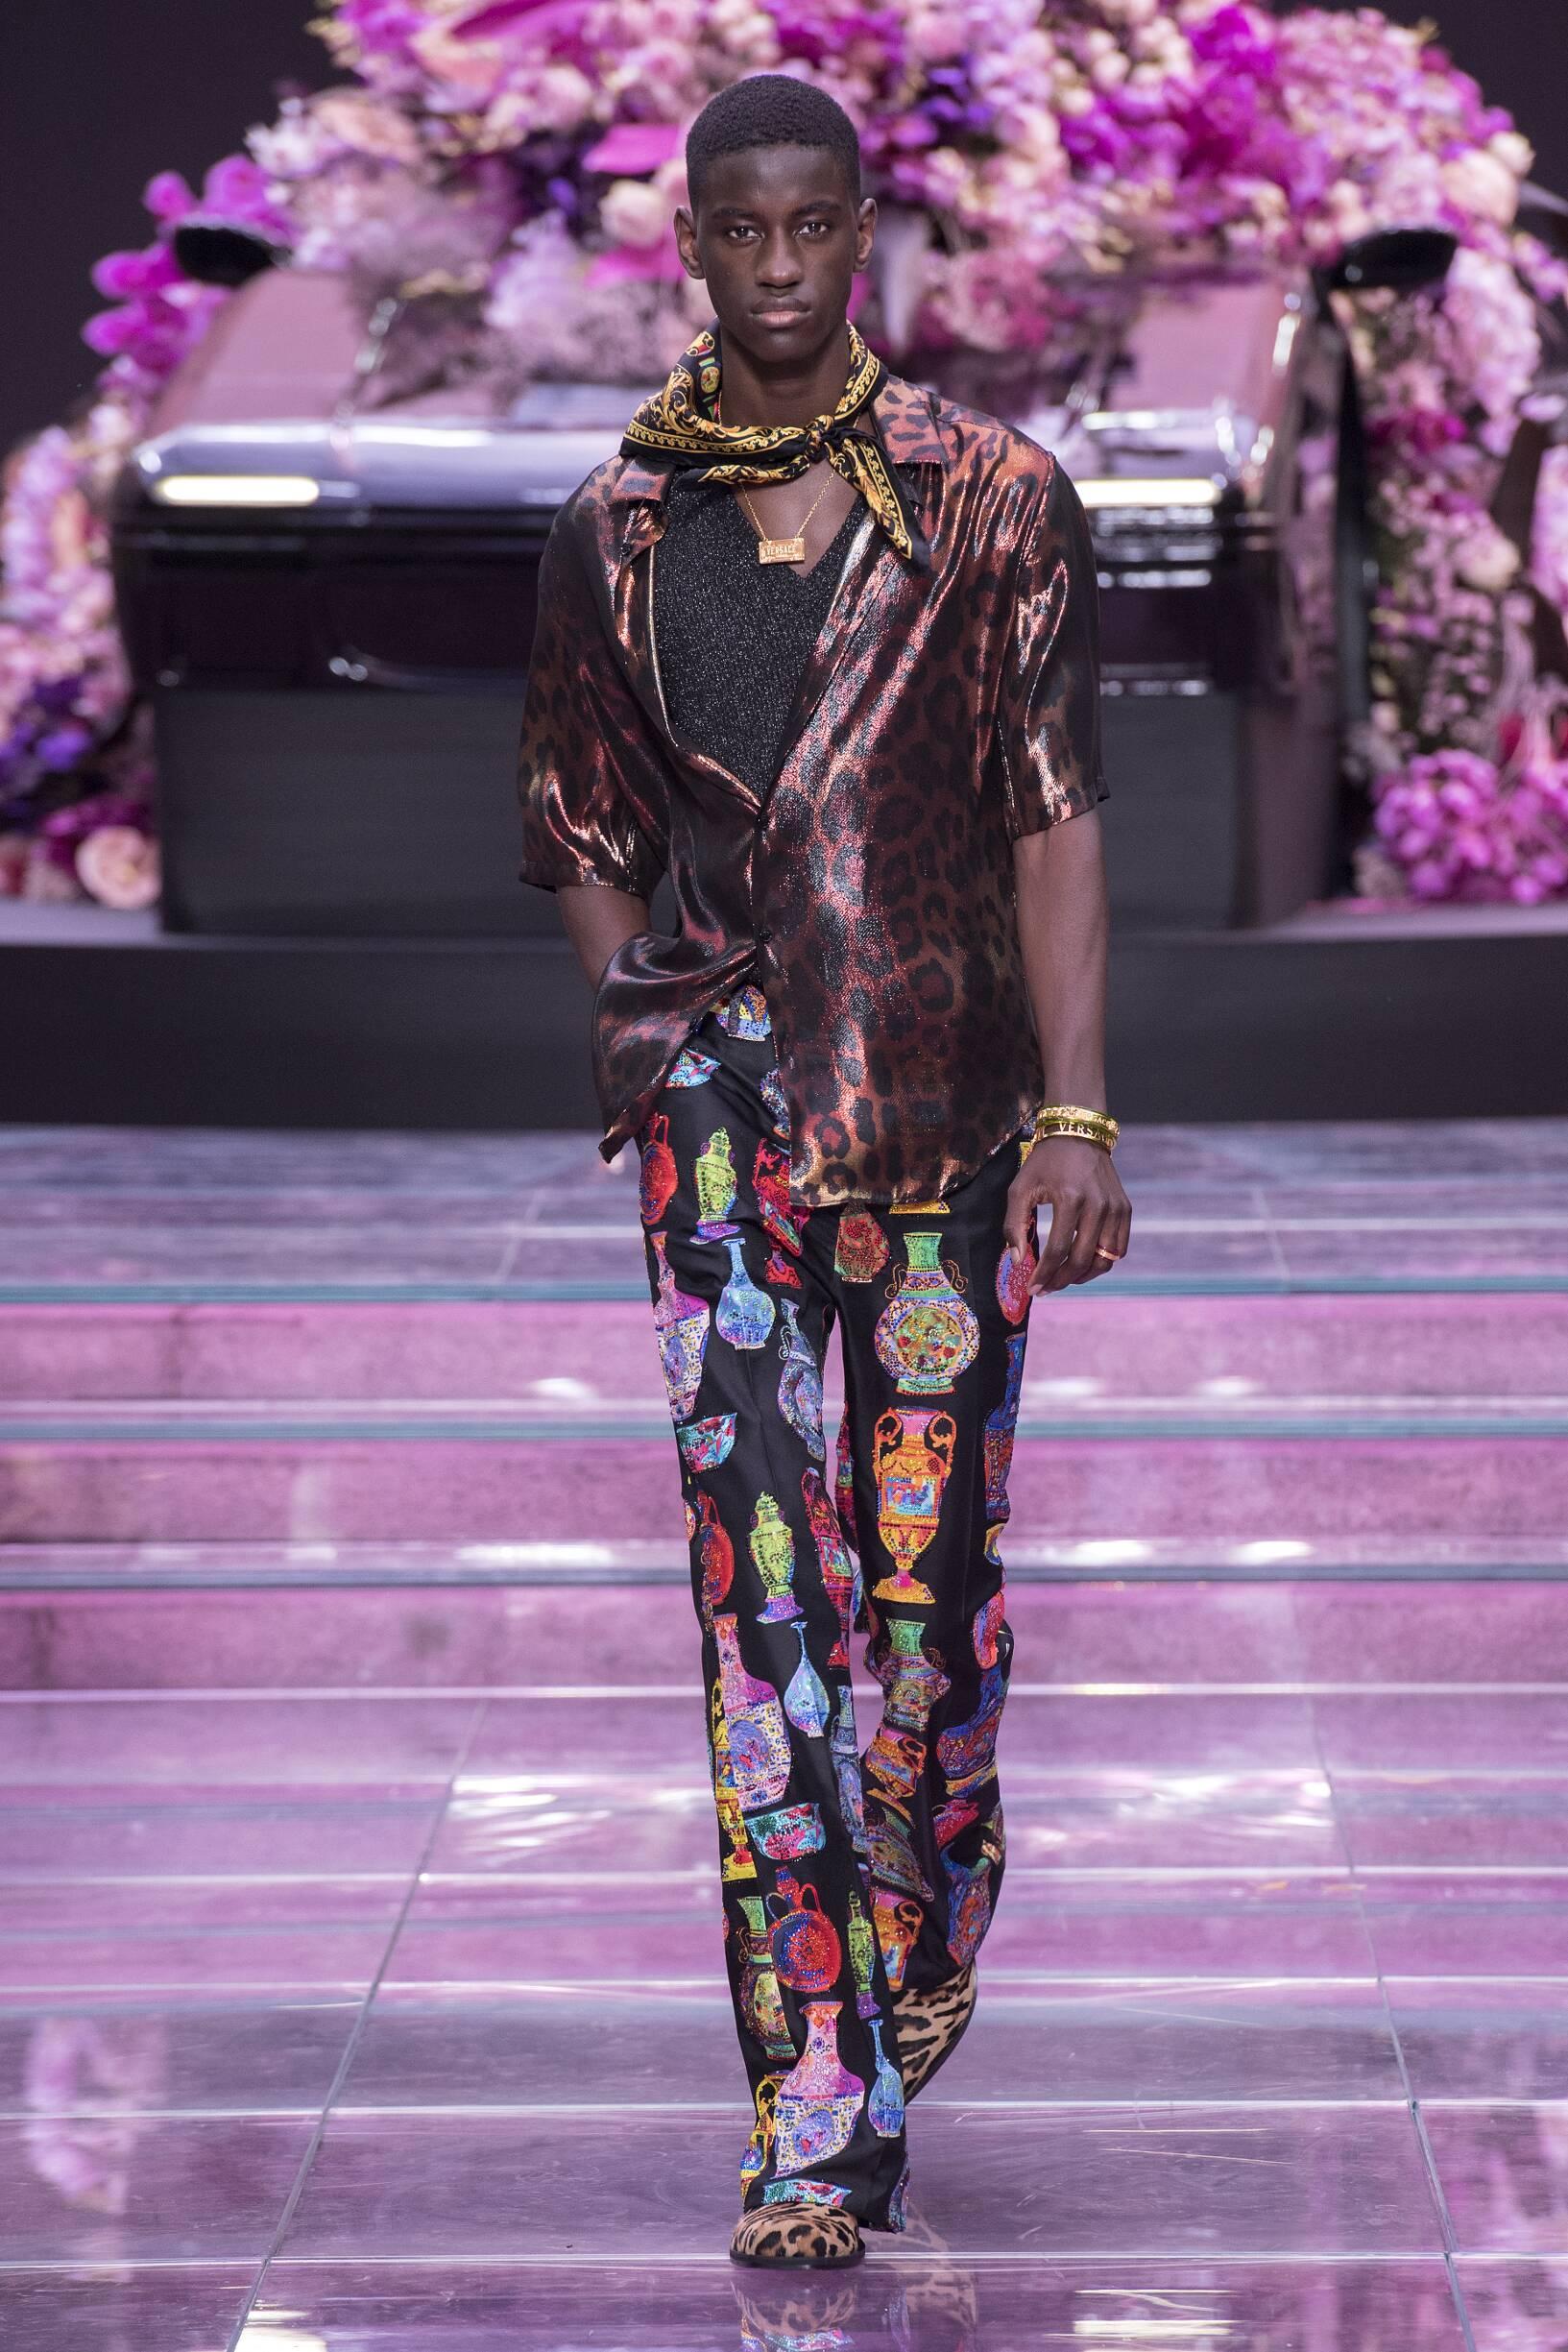 Man SS 2020 Versace Show Milan Fashion Week